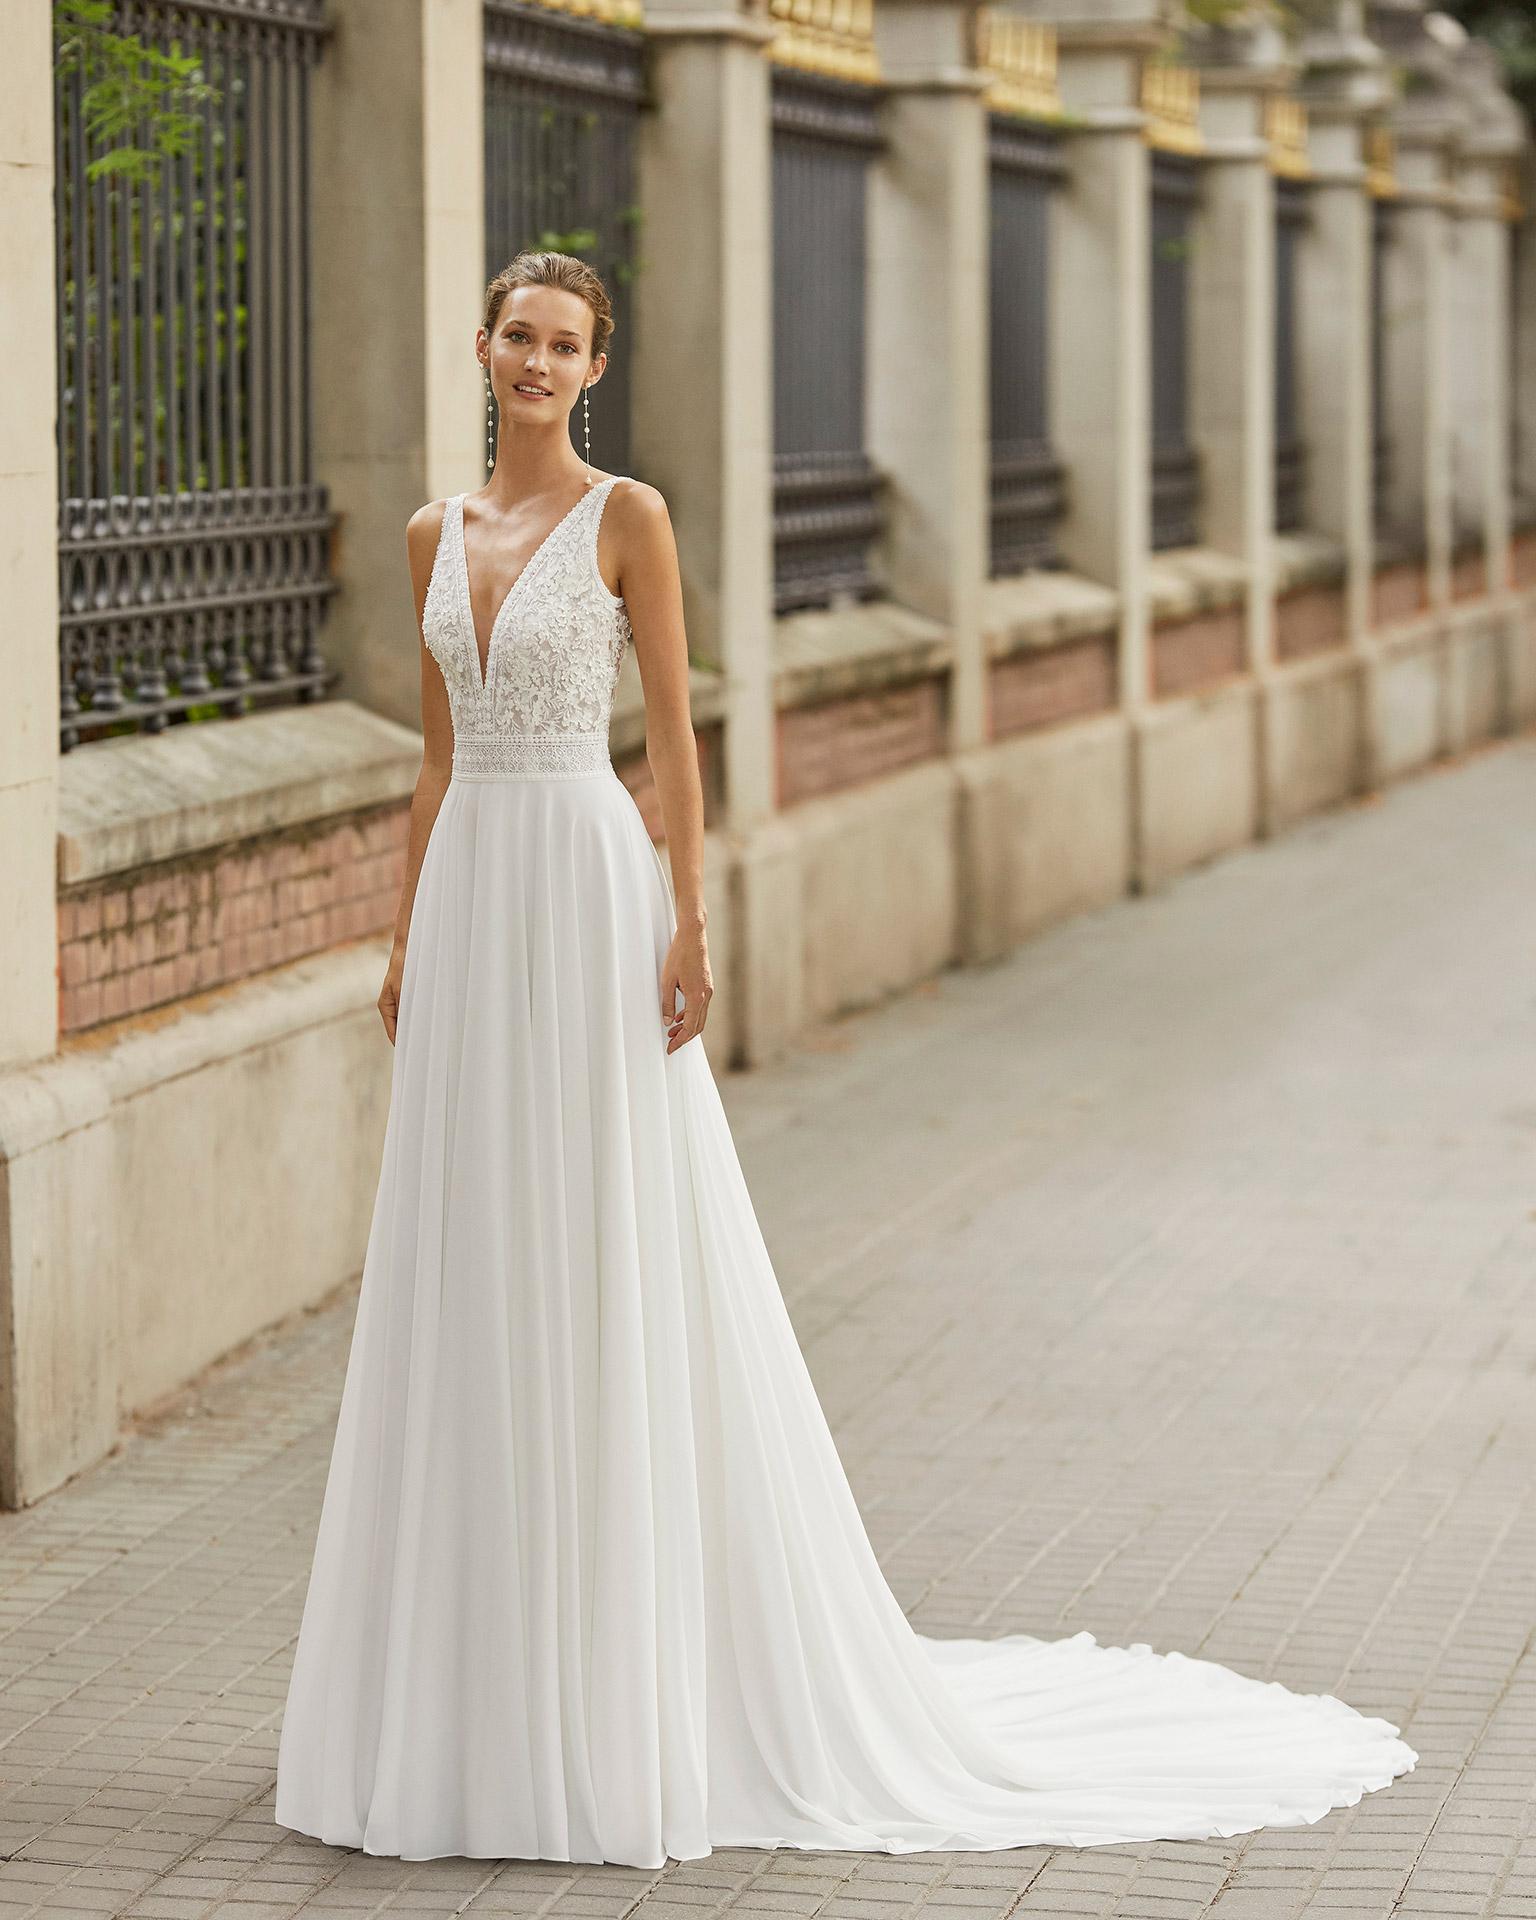 Vestido de novia ligero de georgette, encaje y pedrería. Escote deep plunge y espalda en V. Colección  2022.